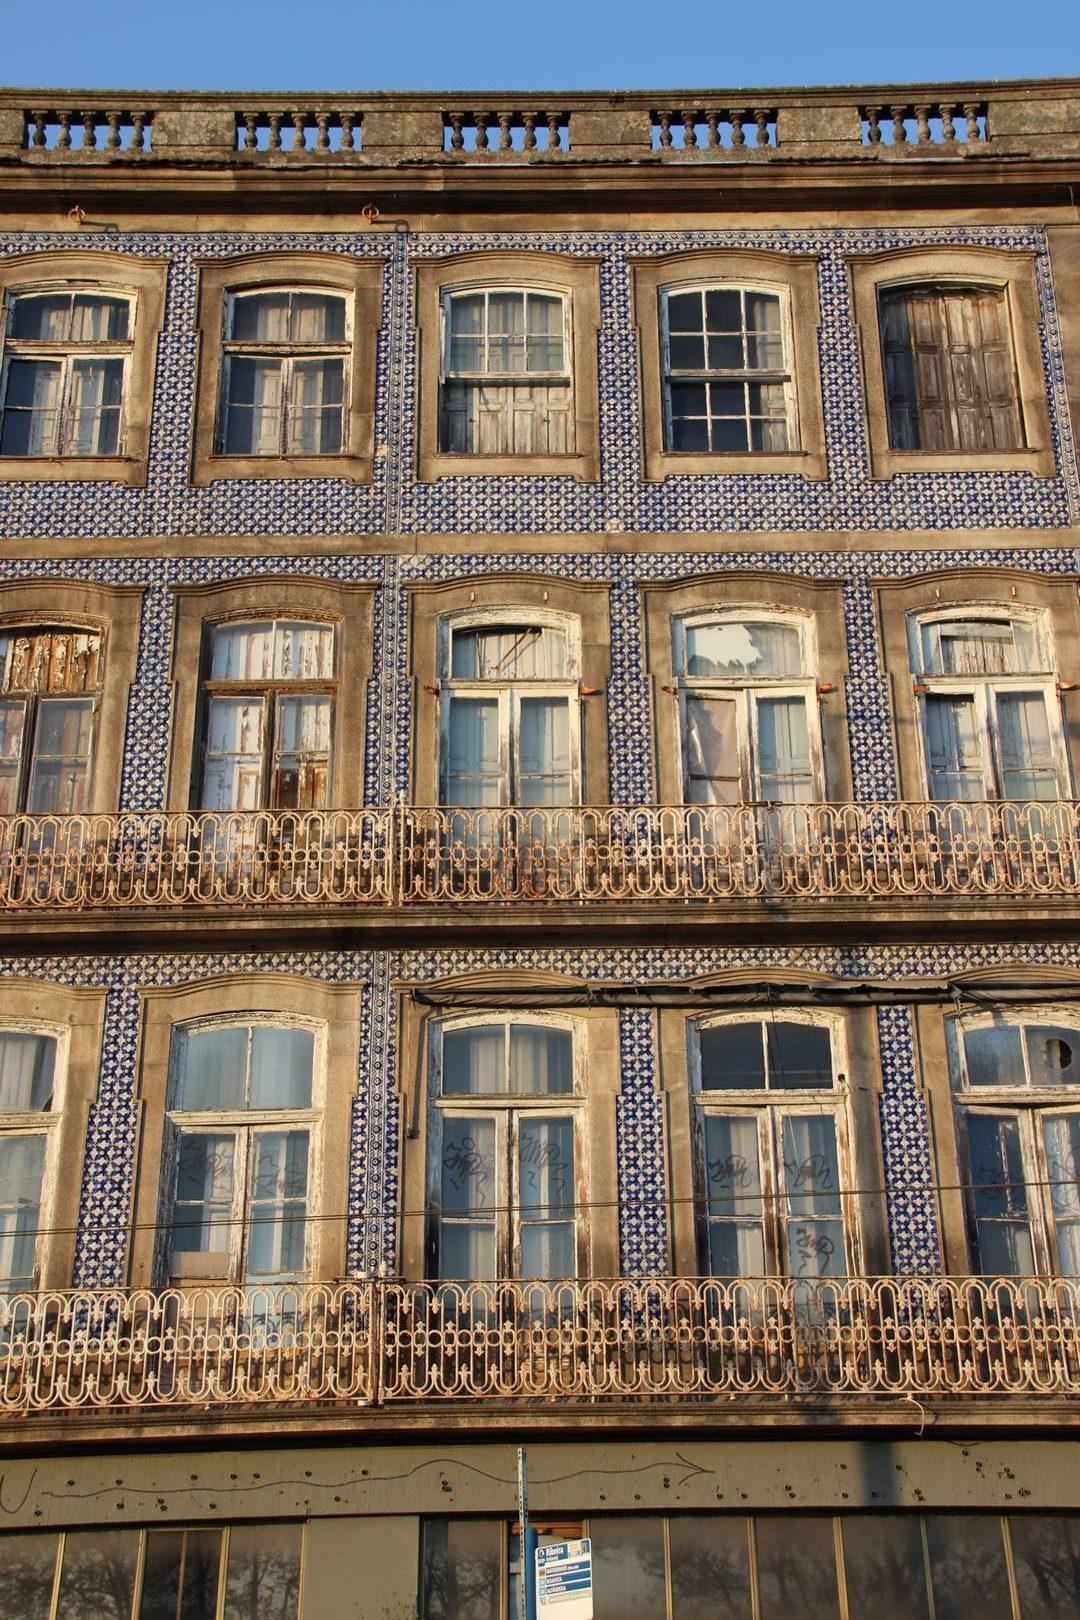 Portugal - Maisons recouvertes d'azulejos dans le coeur historique de Porto